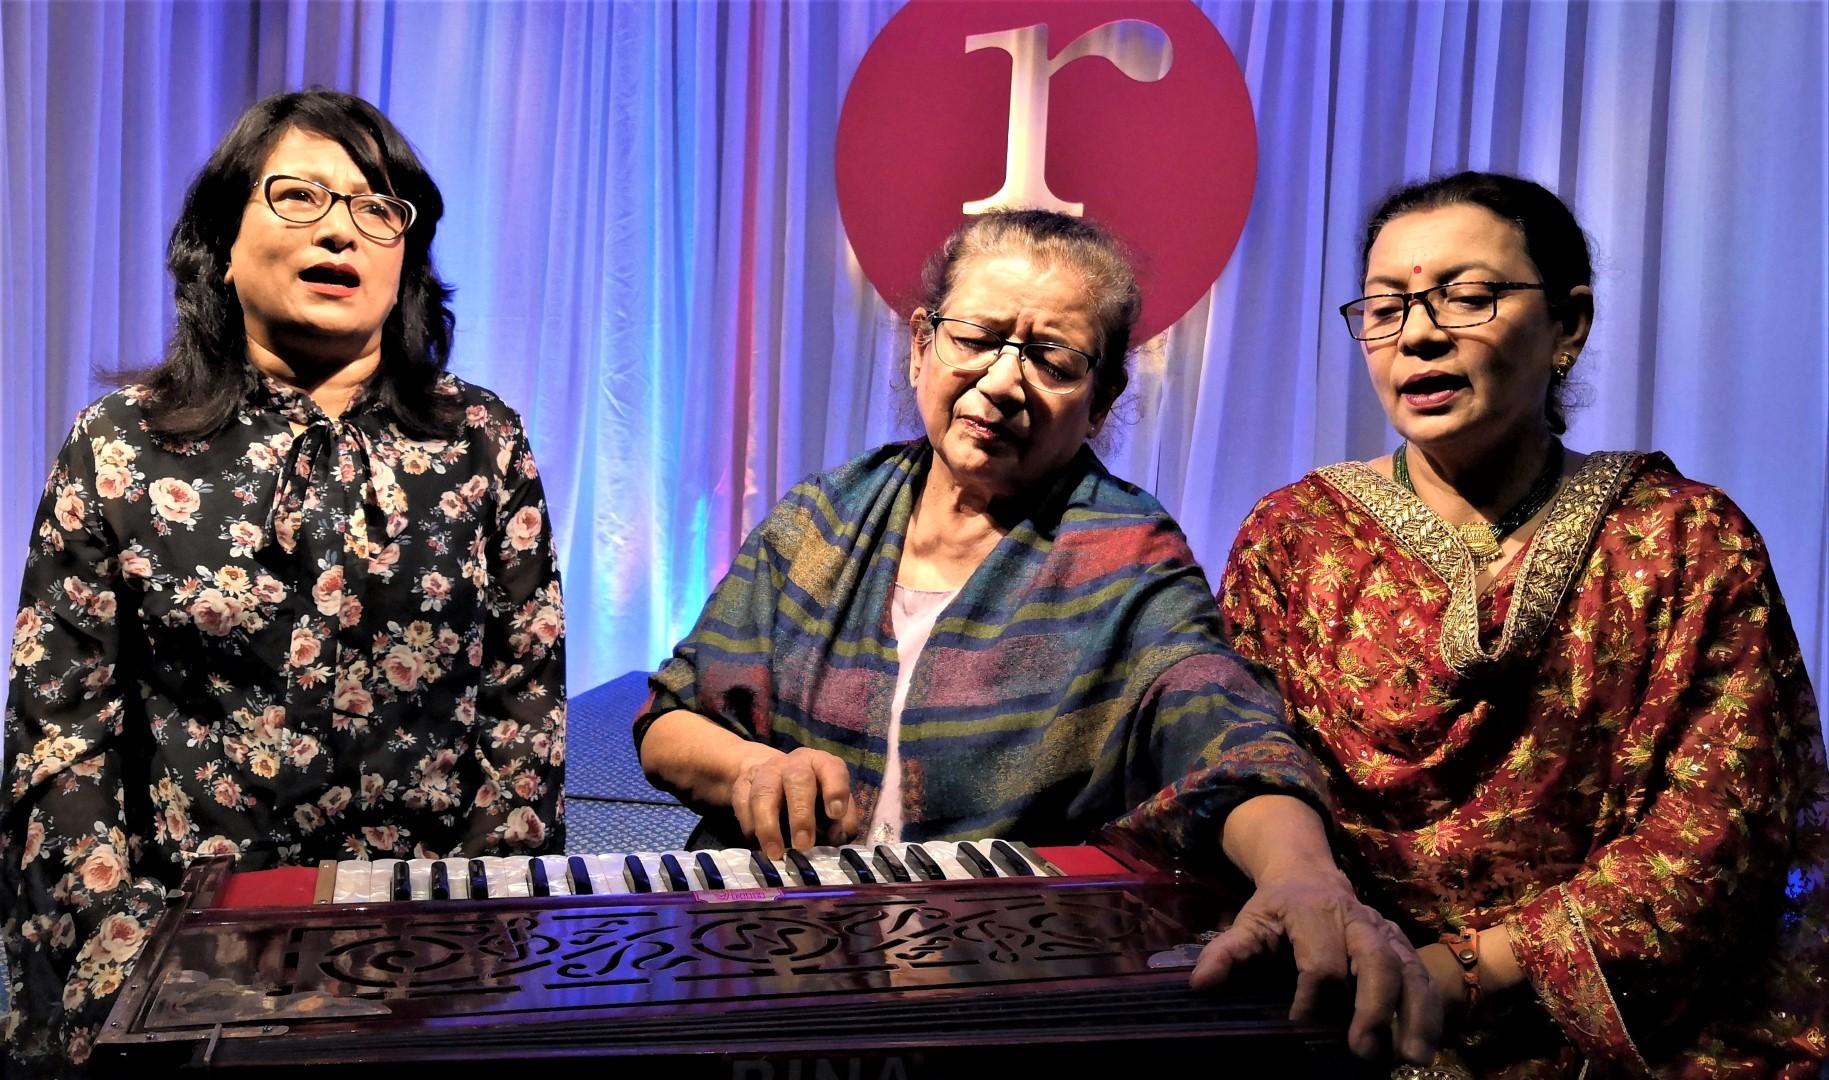 'पलेँटी'का लागि सिक्किम, दार्जिलिङका संगीतकर्मी काठमाडौंमा